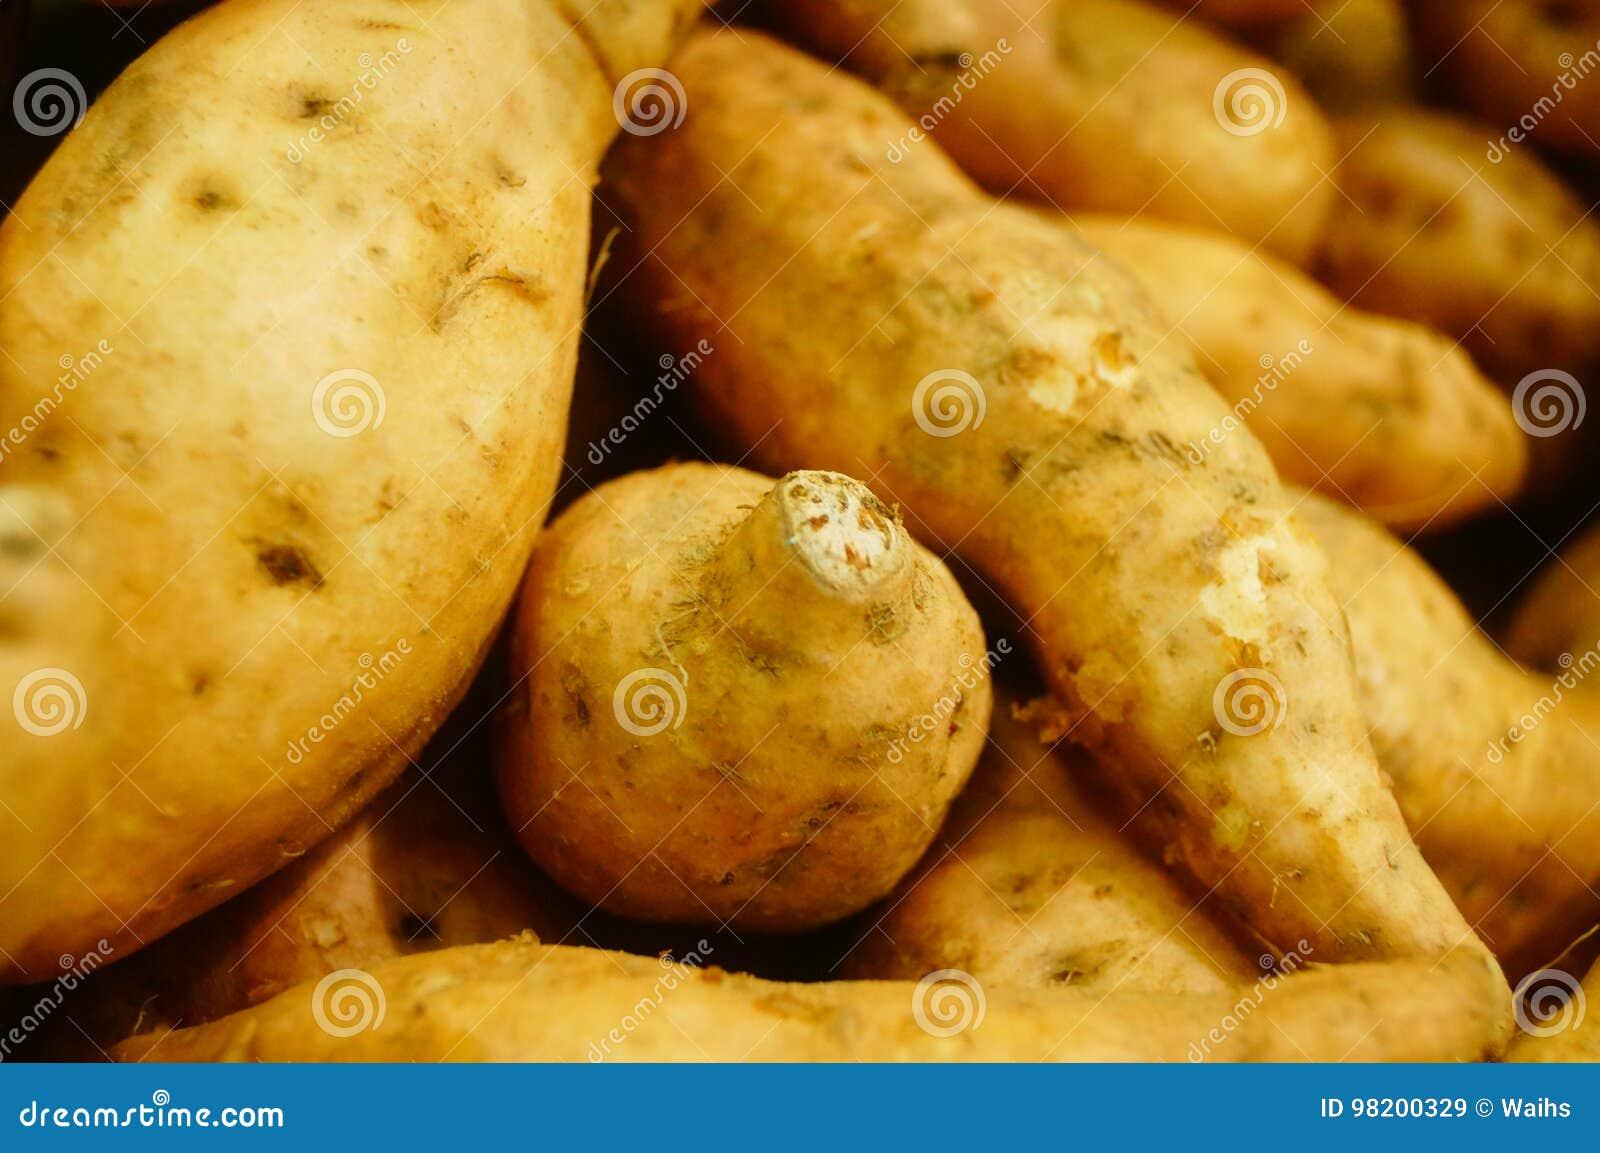 Download Сладкий картофель, произведенный в провинции Цзянси Китая Стоковое Изображение - изображение насчитывающей экологическо, aiders: 98200329